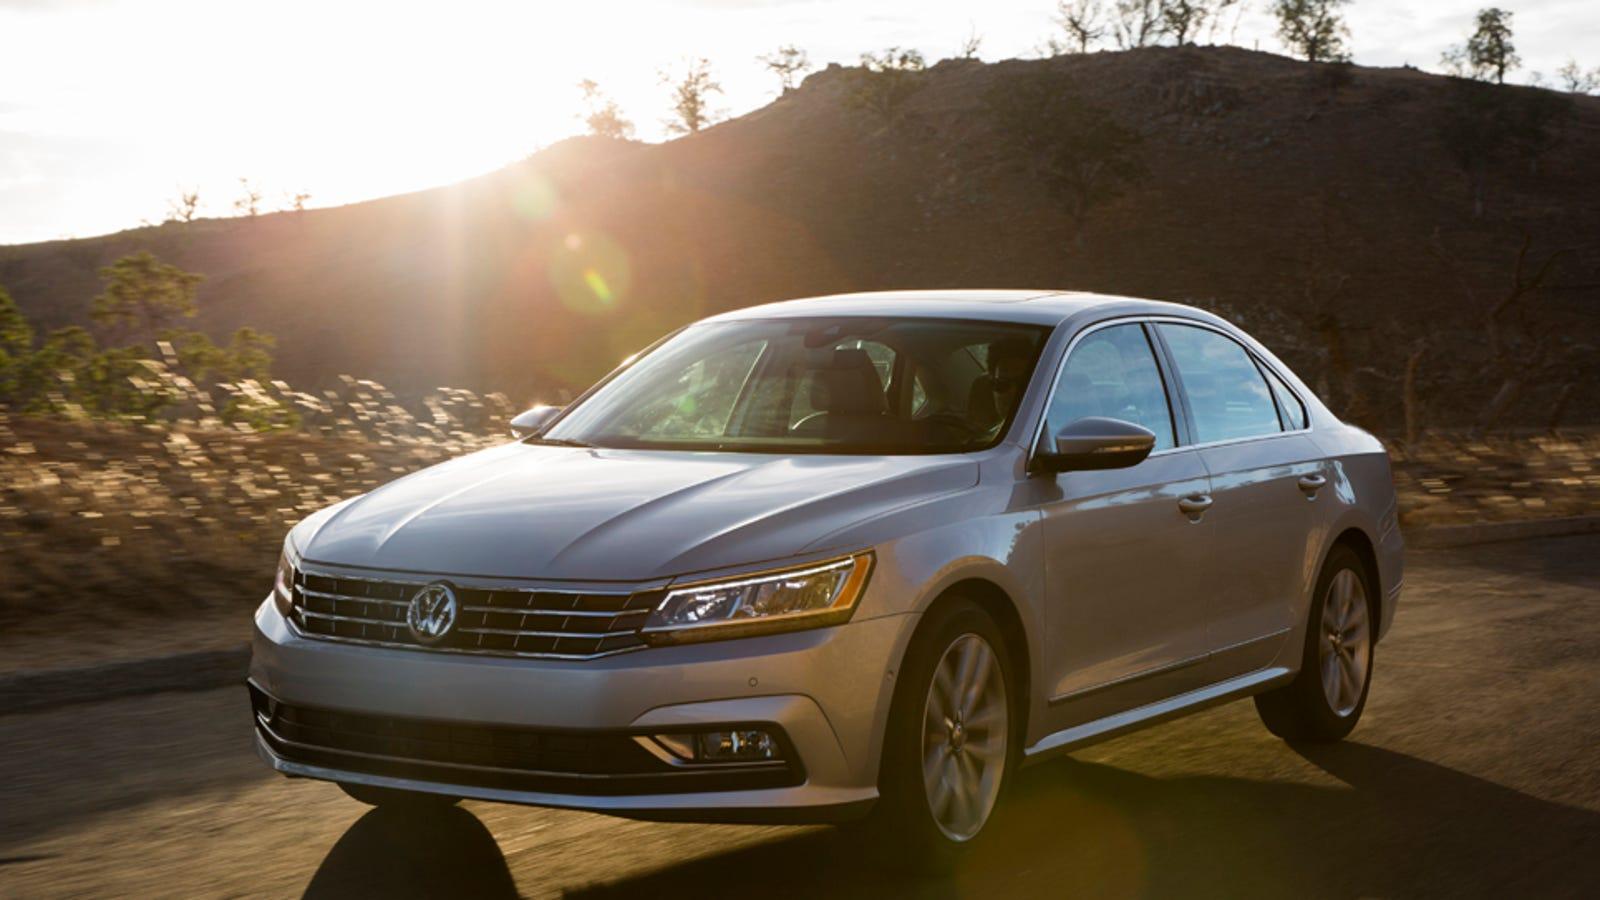 The 2016 Volkswagen Passat Fixes The Old Passat's Biggest Flaw, But